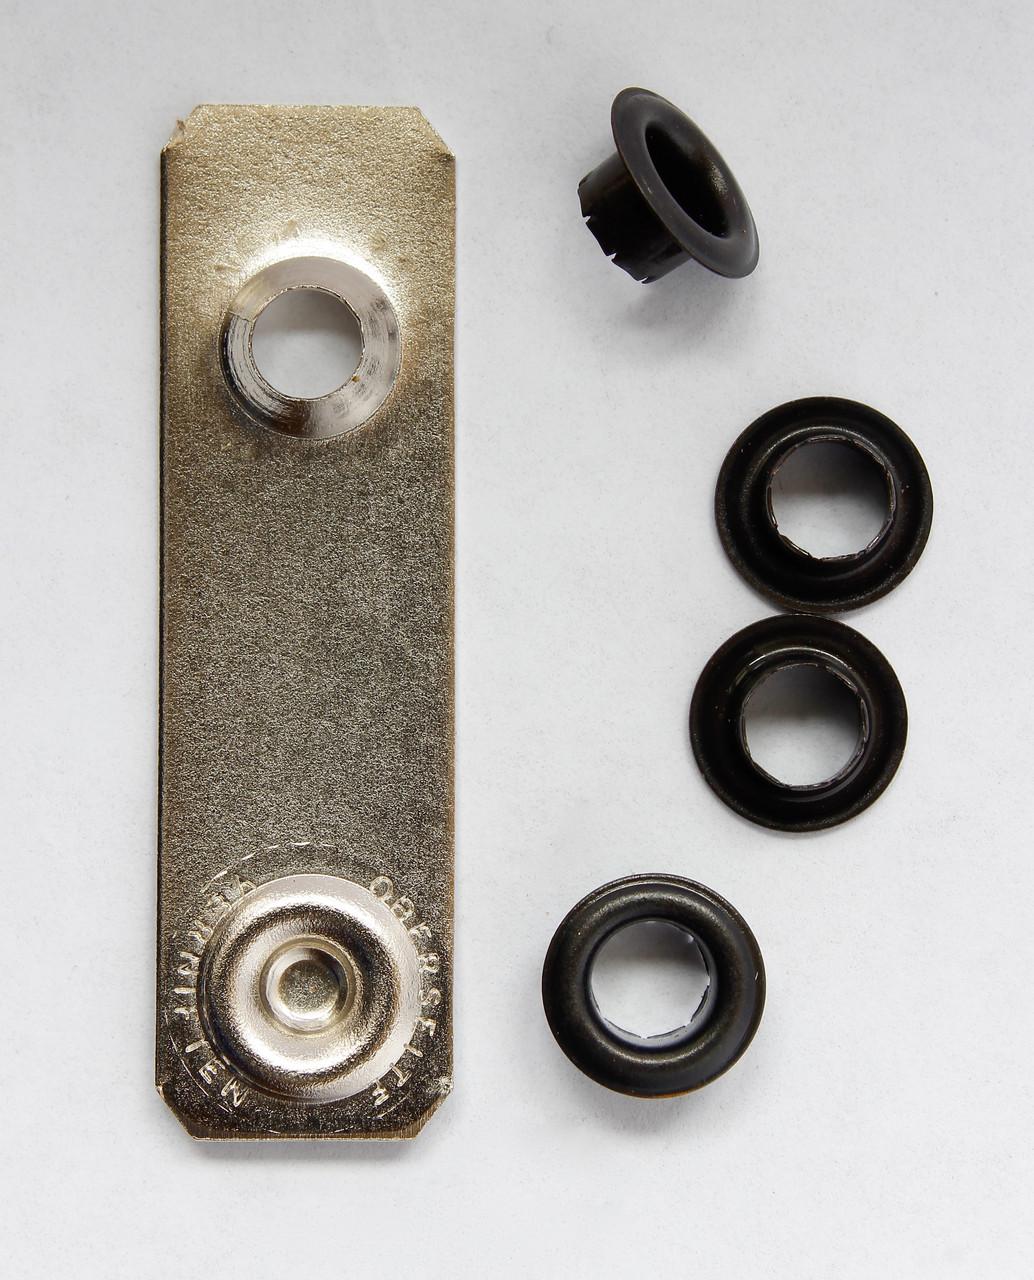 Люверси односторонні 5 мм з механізмом для установки, чорні, 40 шт. TREND, Швеція